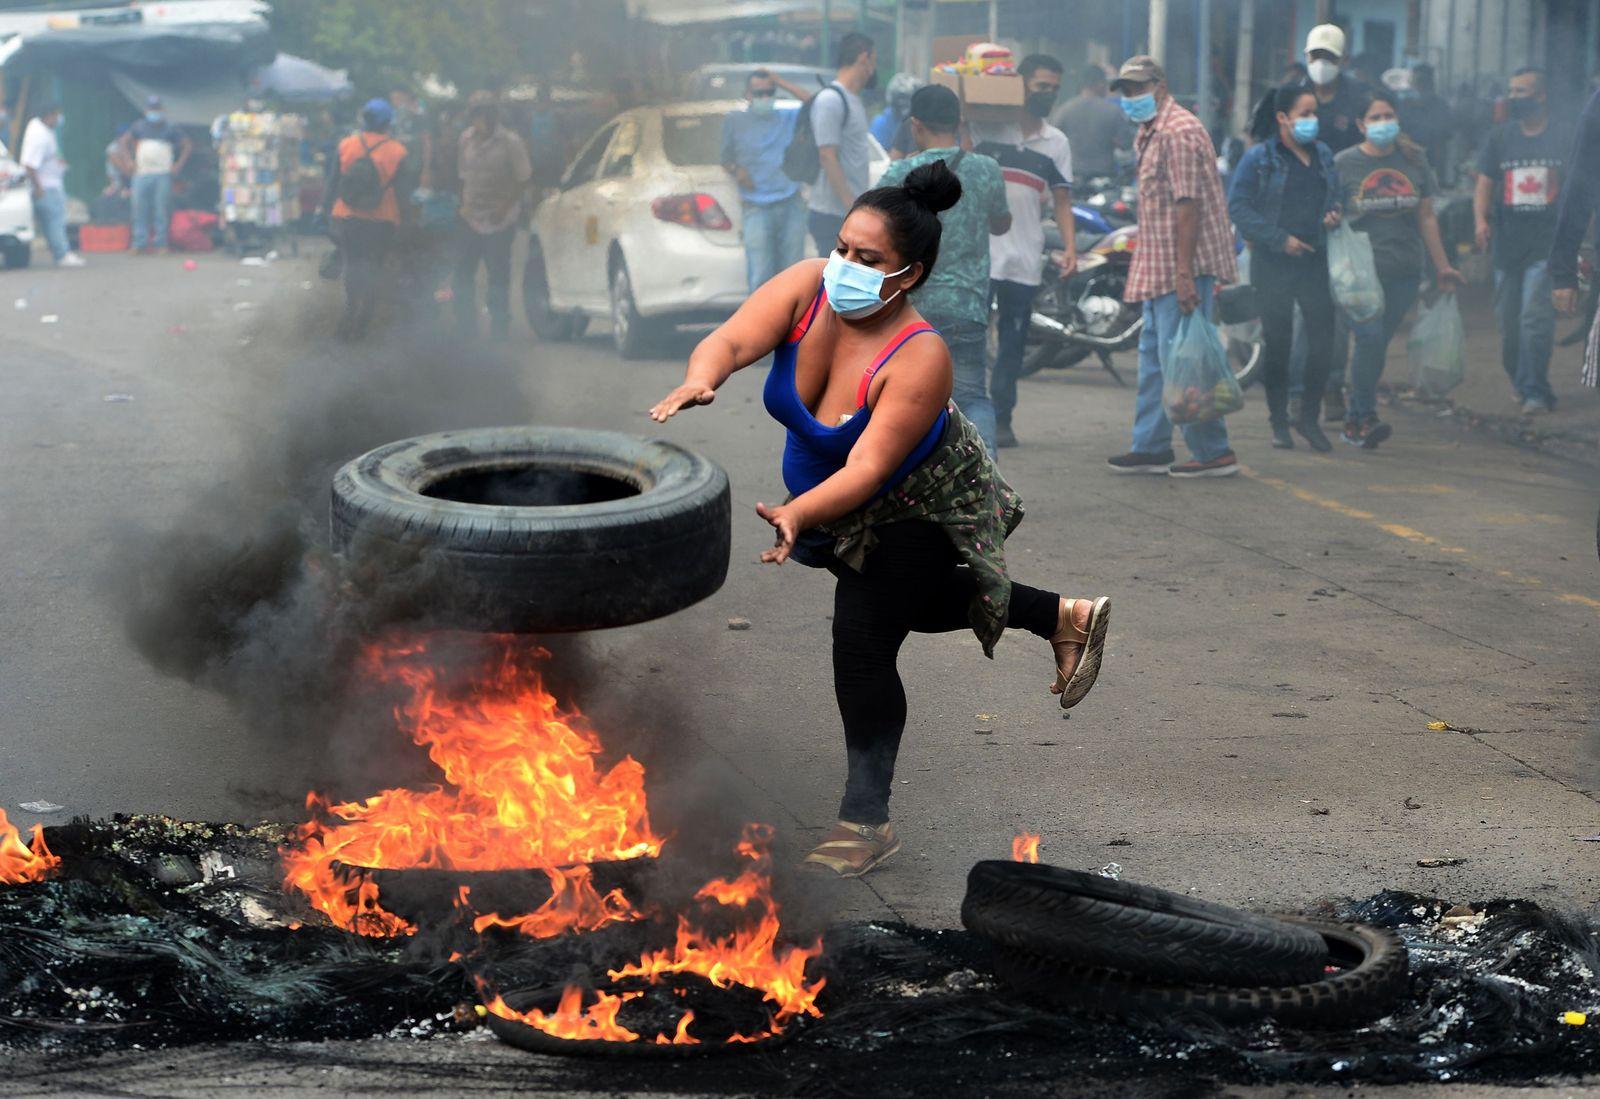 HONDURAS-HEALTH-VIRUS-ECONOMY